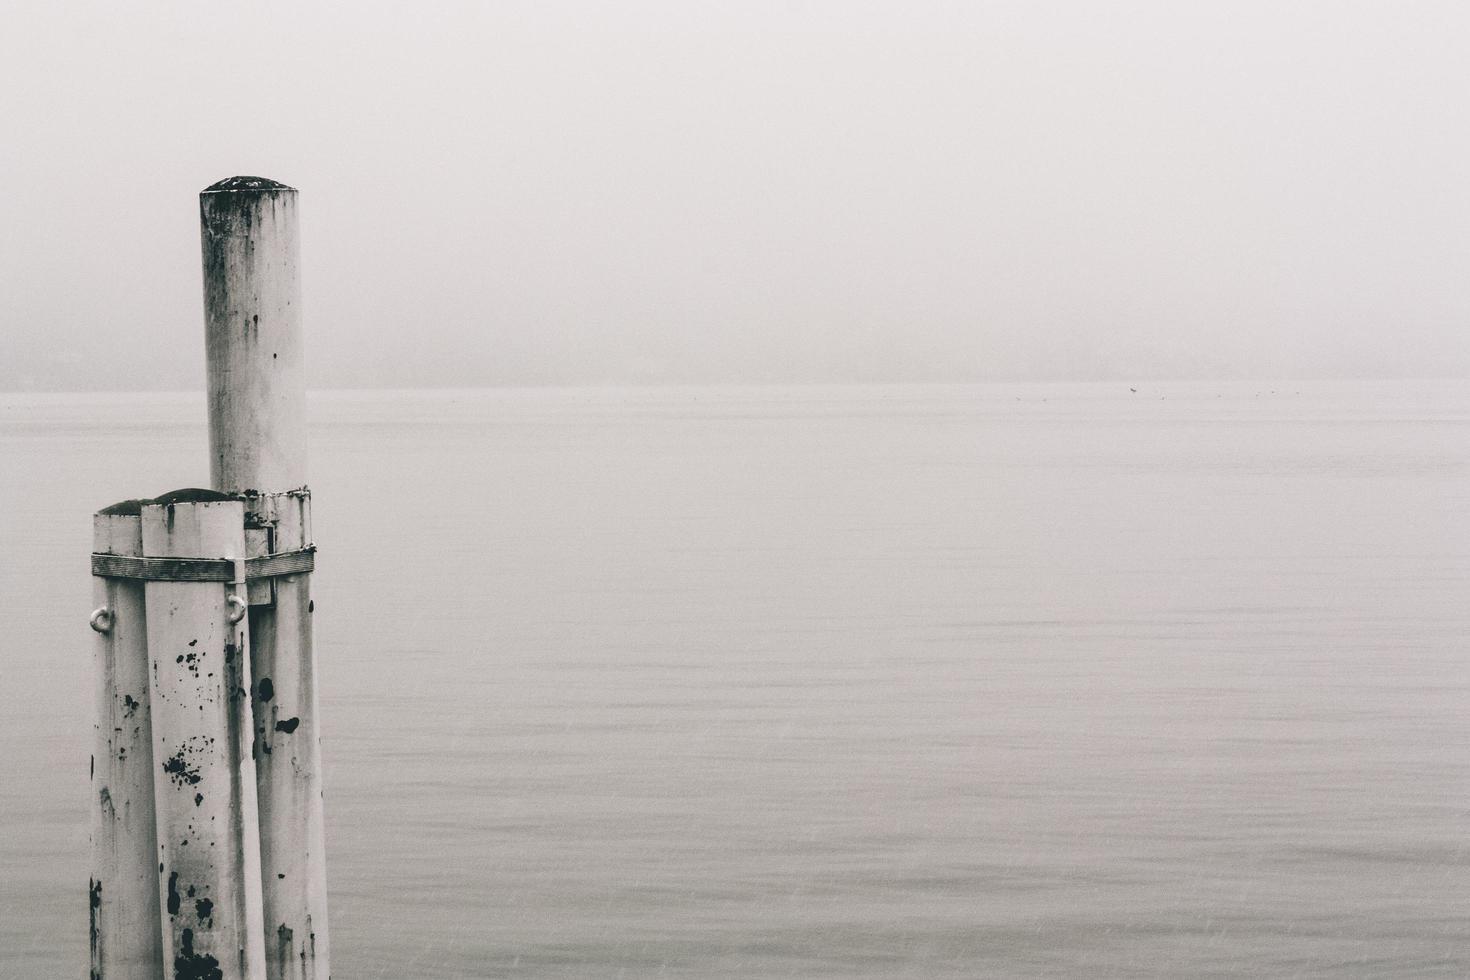 weißer Holzpfosten auf Meerwasser foto